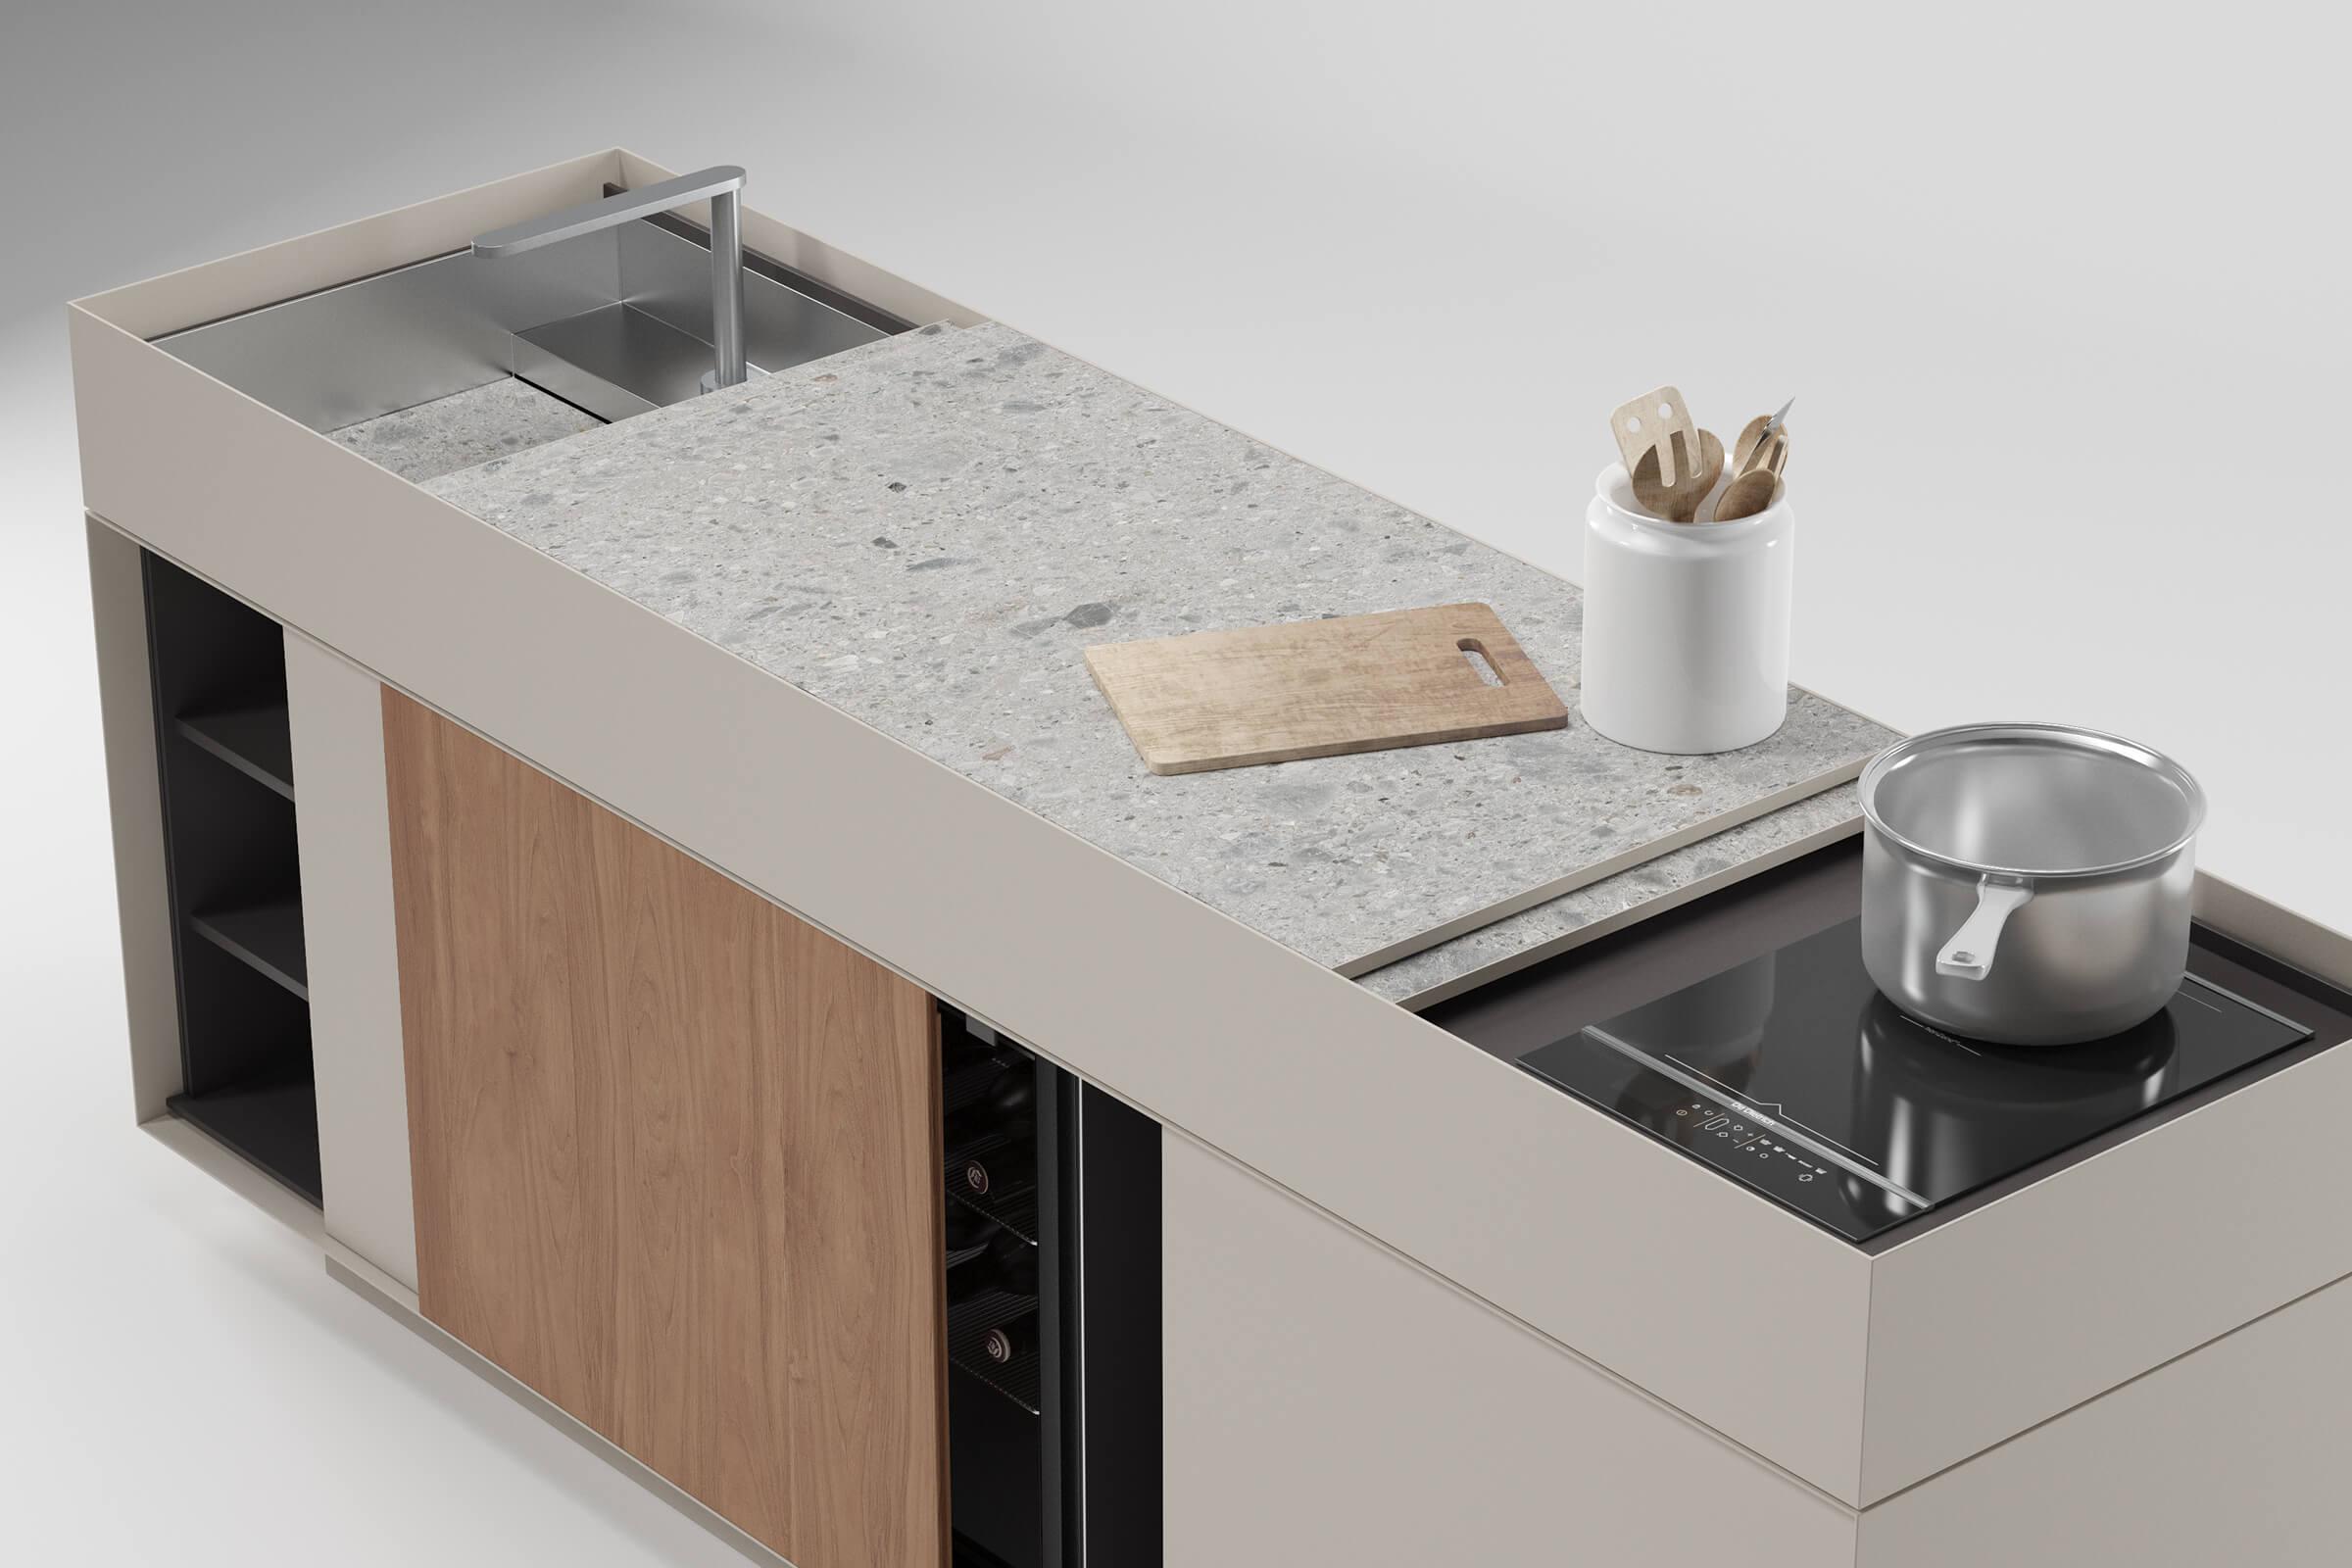 1524_0_kettal_objects_kitchen_detail_kitchen.jpg